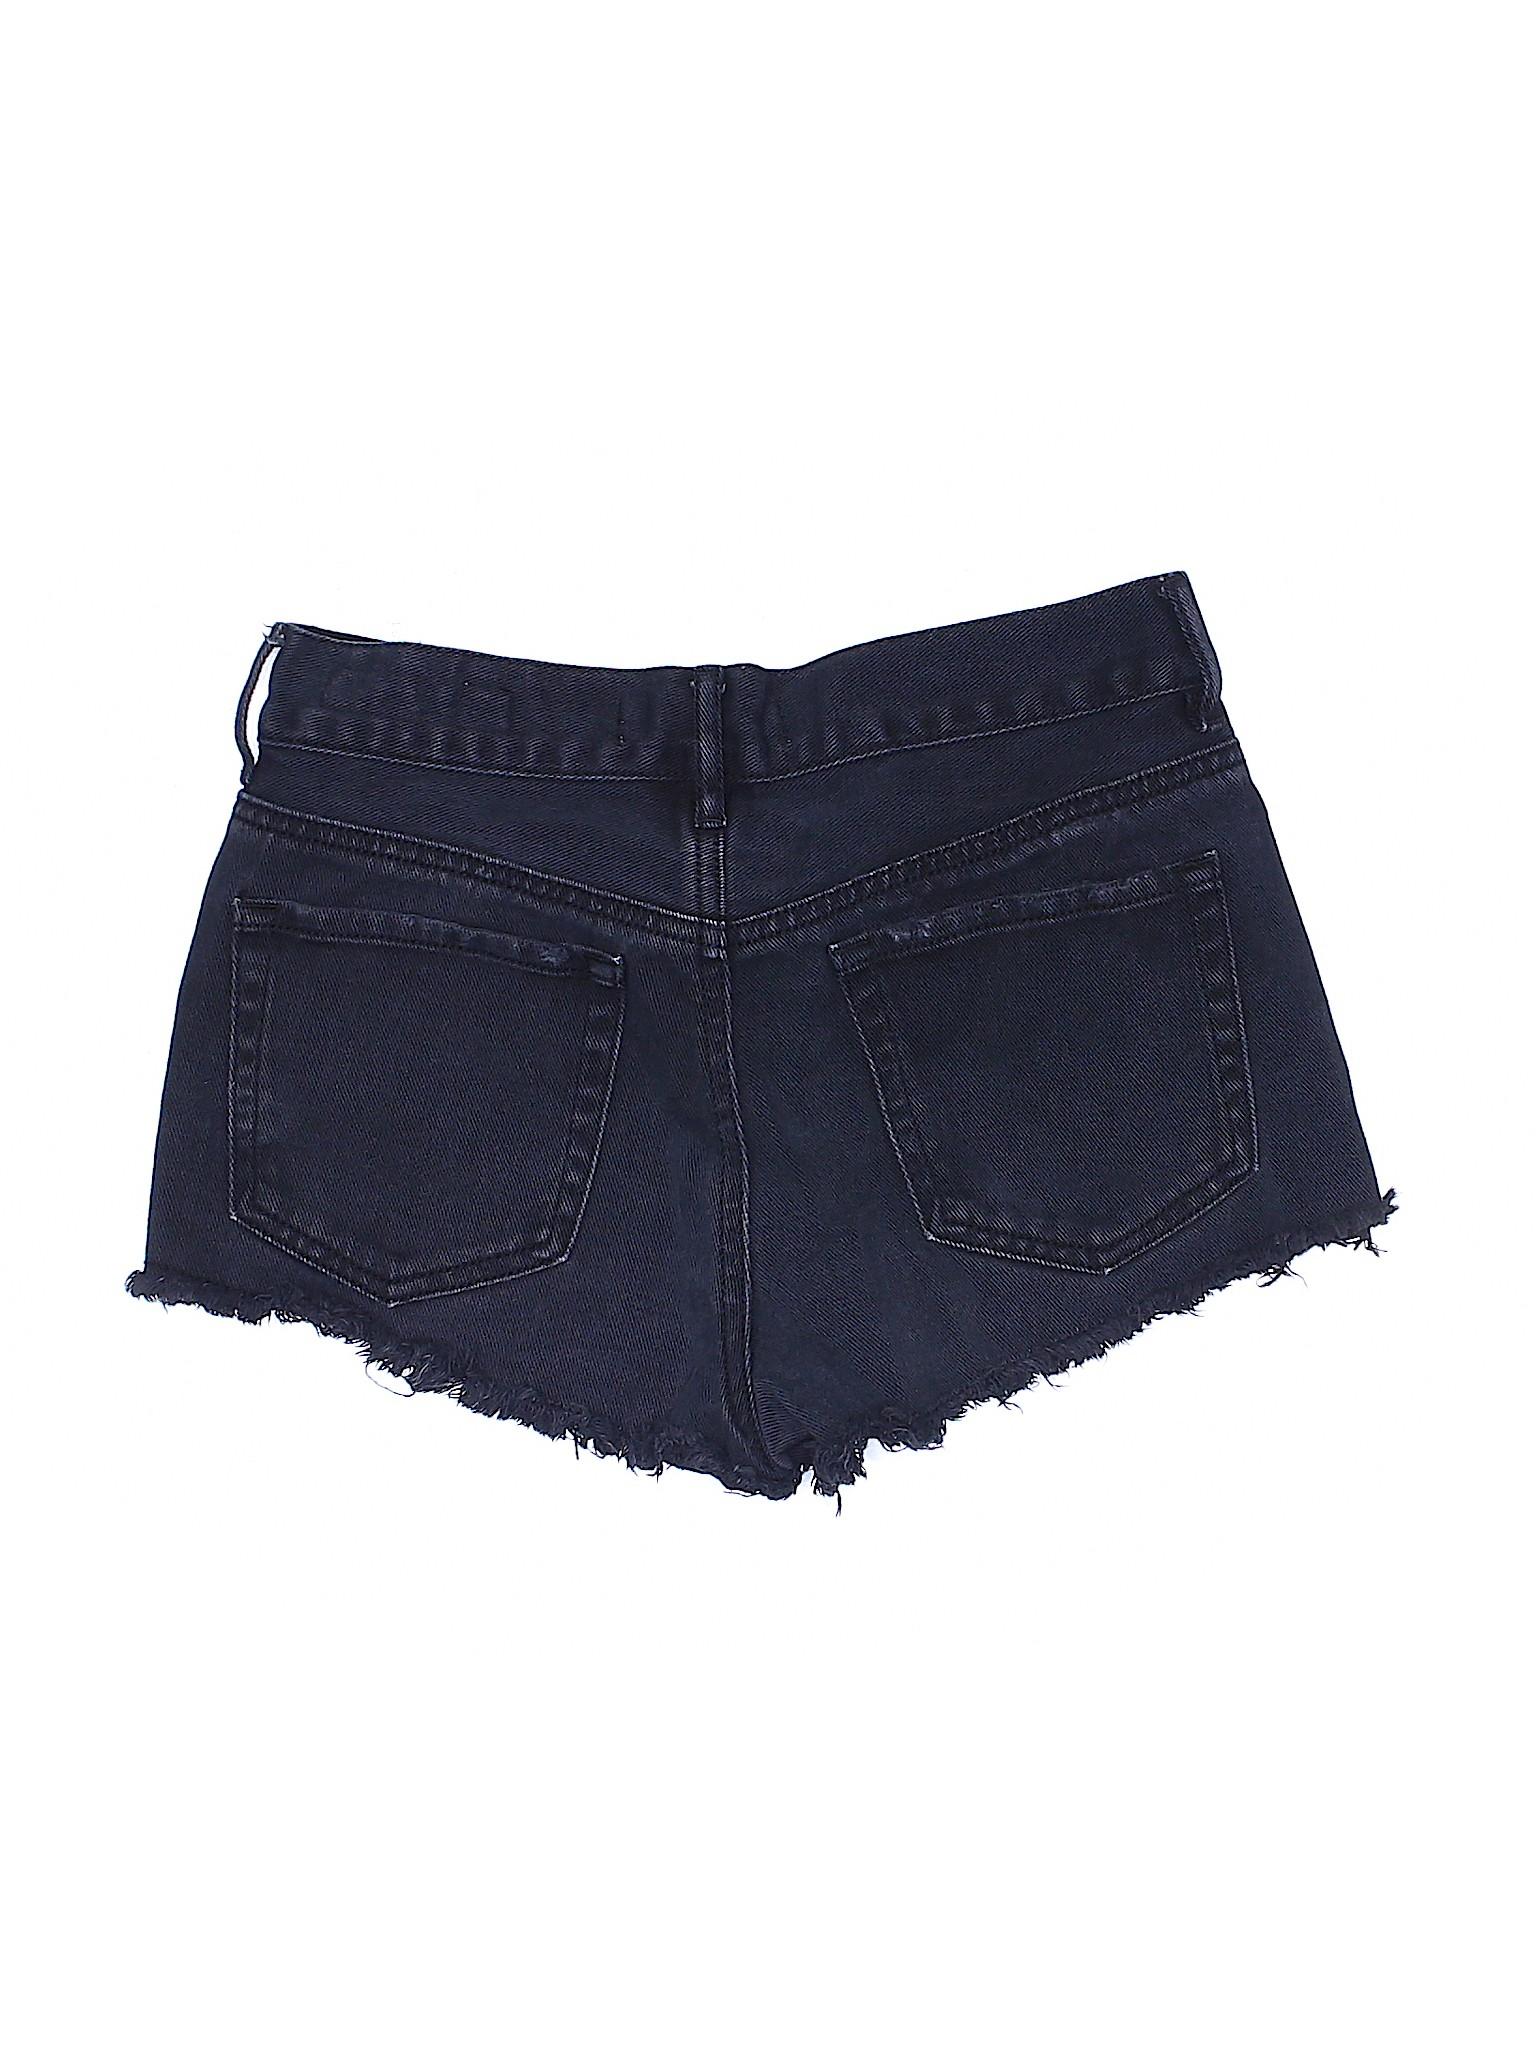 Denim Boutique Bullhead Boutique Shorts Bullhead X01wO4qx